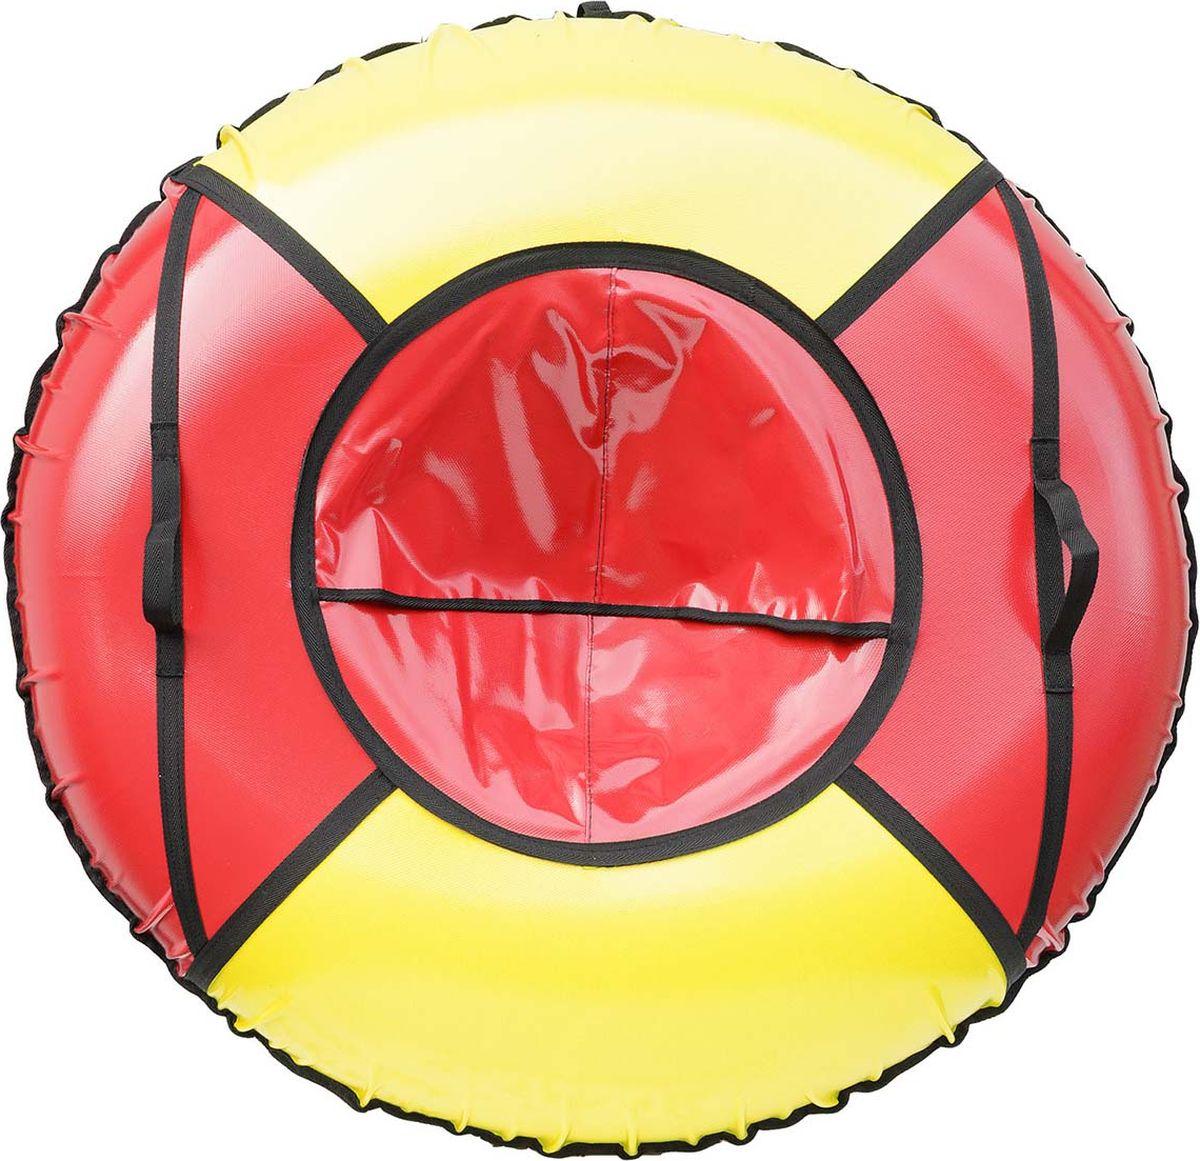 Тюбинг Эх, Прокачу! Профи-4, цвет: красный, желтый, 115 смСП115-4-1Качественные бюджетные санки-ватрушки для катания по снегу из 4 секций * размеры указаны в надутом состоянии * дно изготовлено из ткани ПВХ 630г/м2 * верх изготовлен из ткани ПВХ 630гр/м2 * камера российского производства * буксировочный ремень * морозоустойчивость -45 * допускается деформация формы санок из-за неравномерности надутия камеры